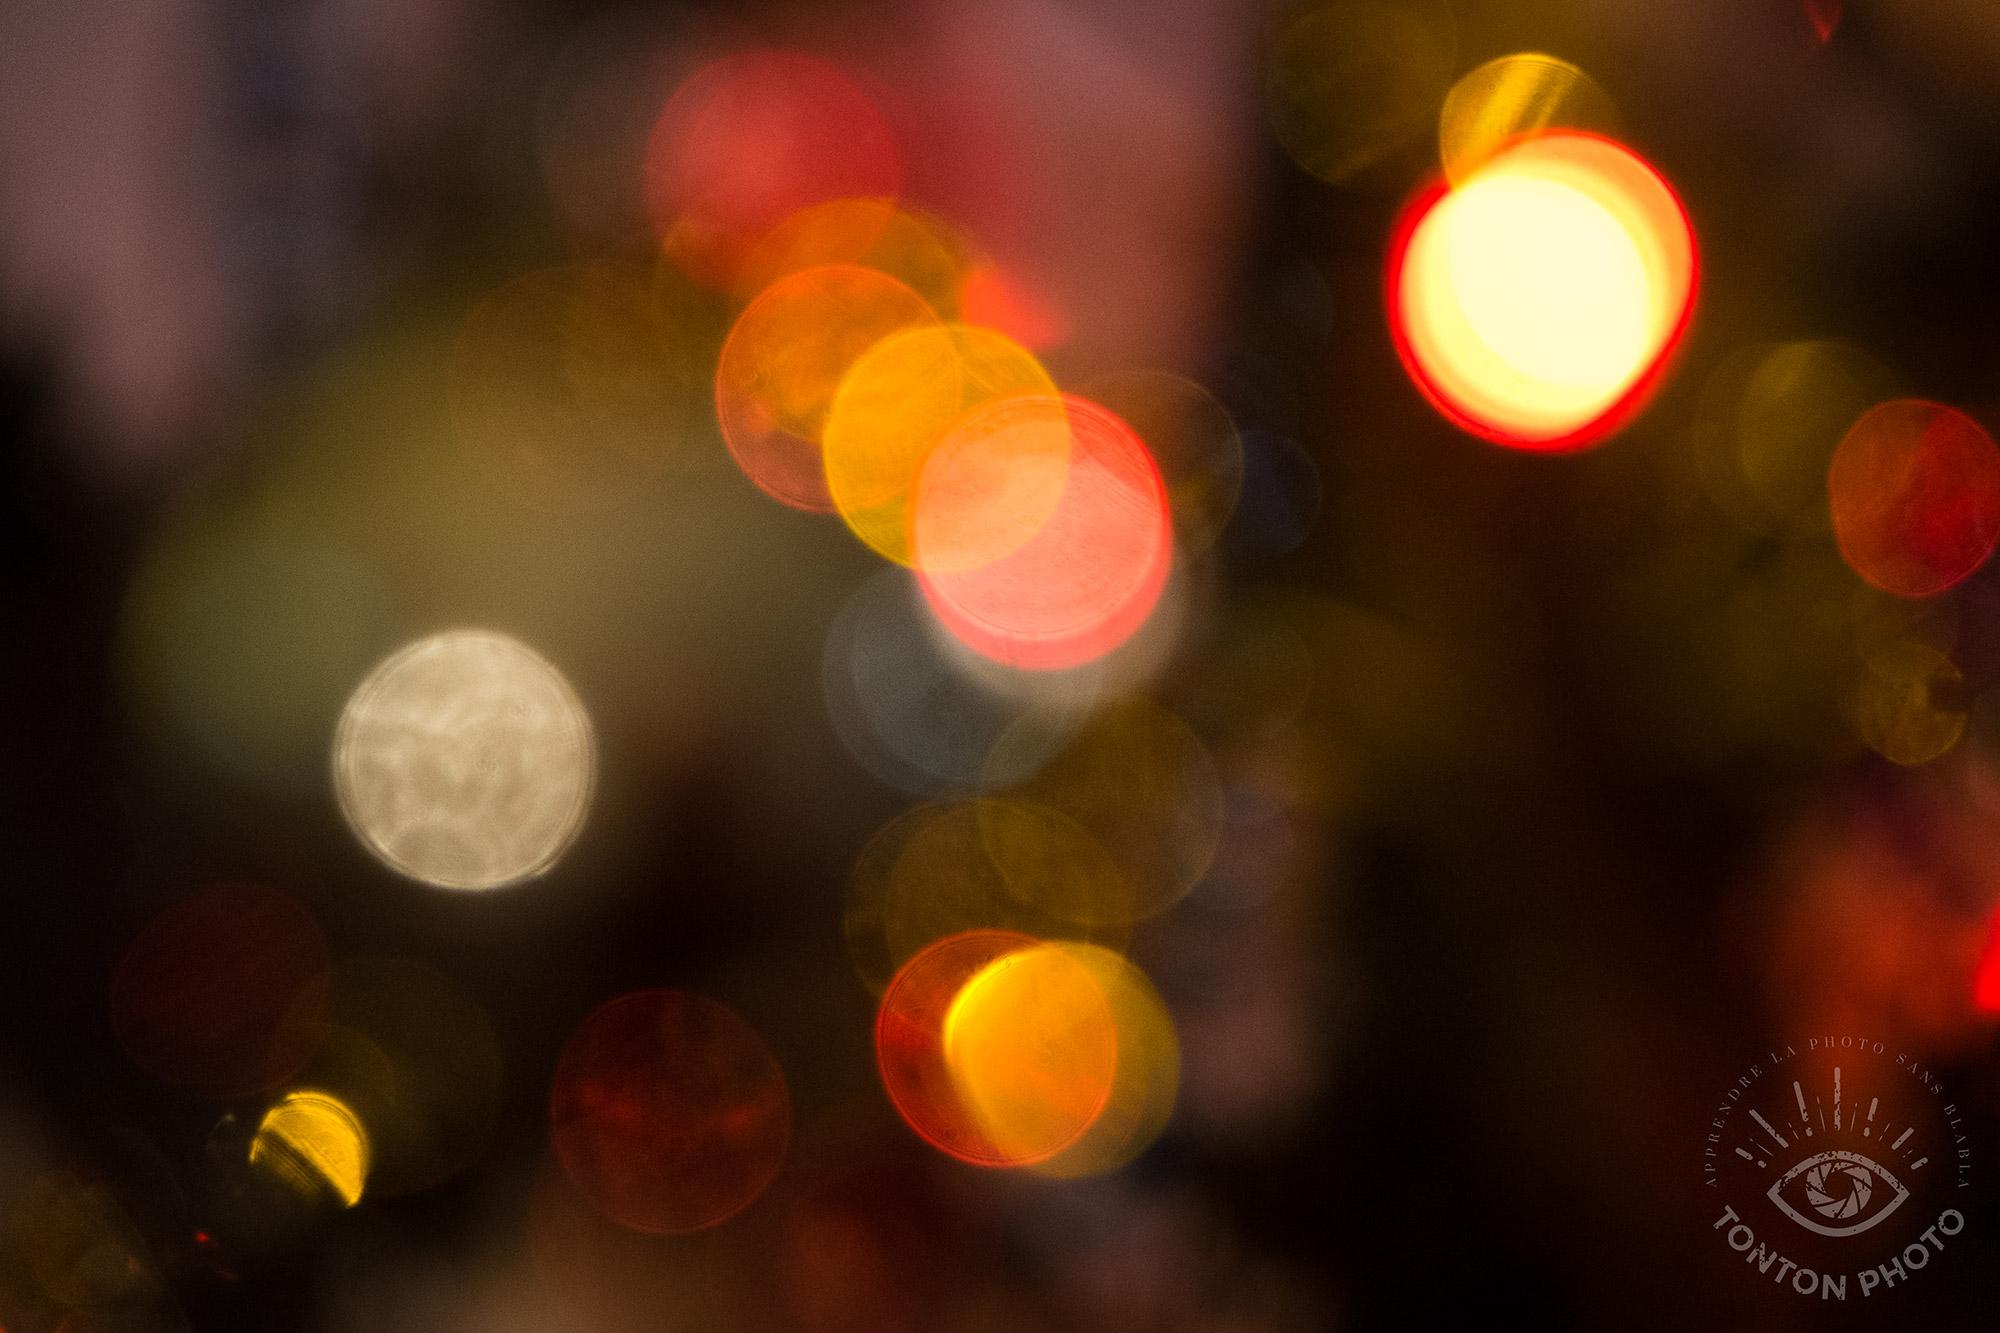 Bokeh | Comment photographier pendant Noël et les fêtes de fin d'année ? © Clément Racineux / Tonton Photo